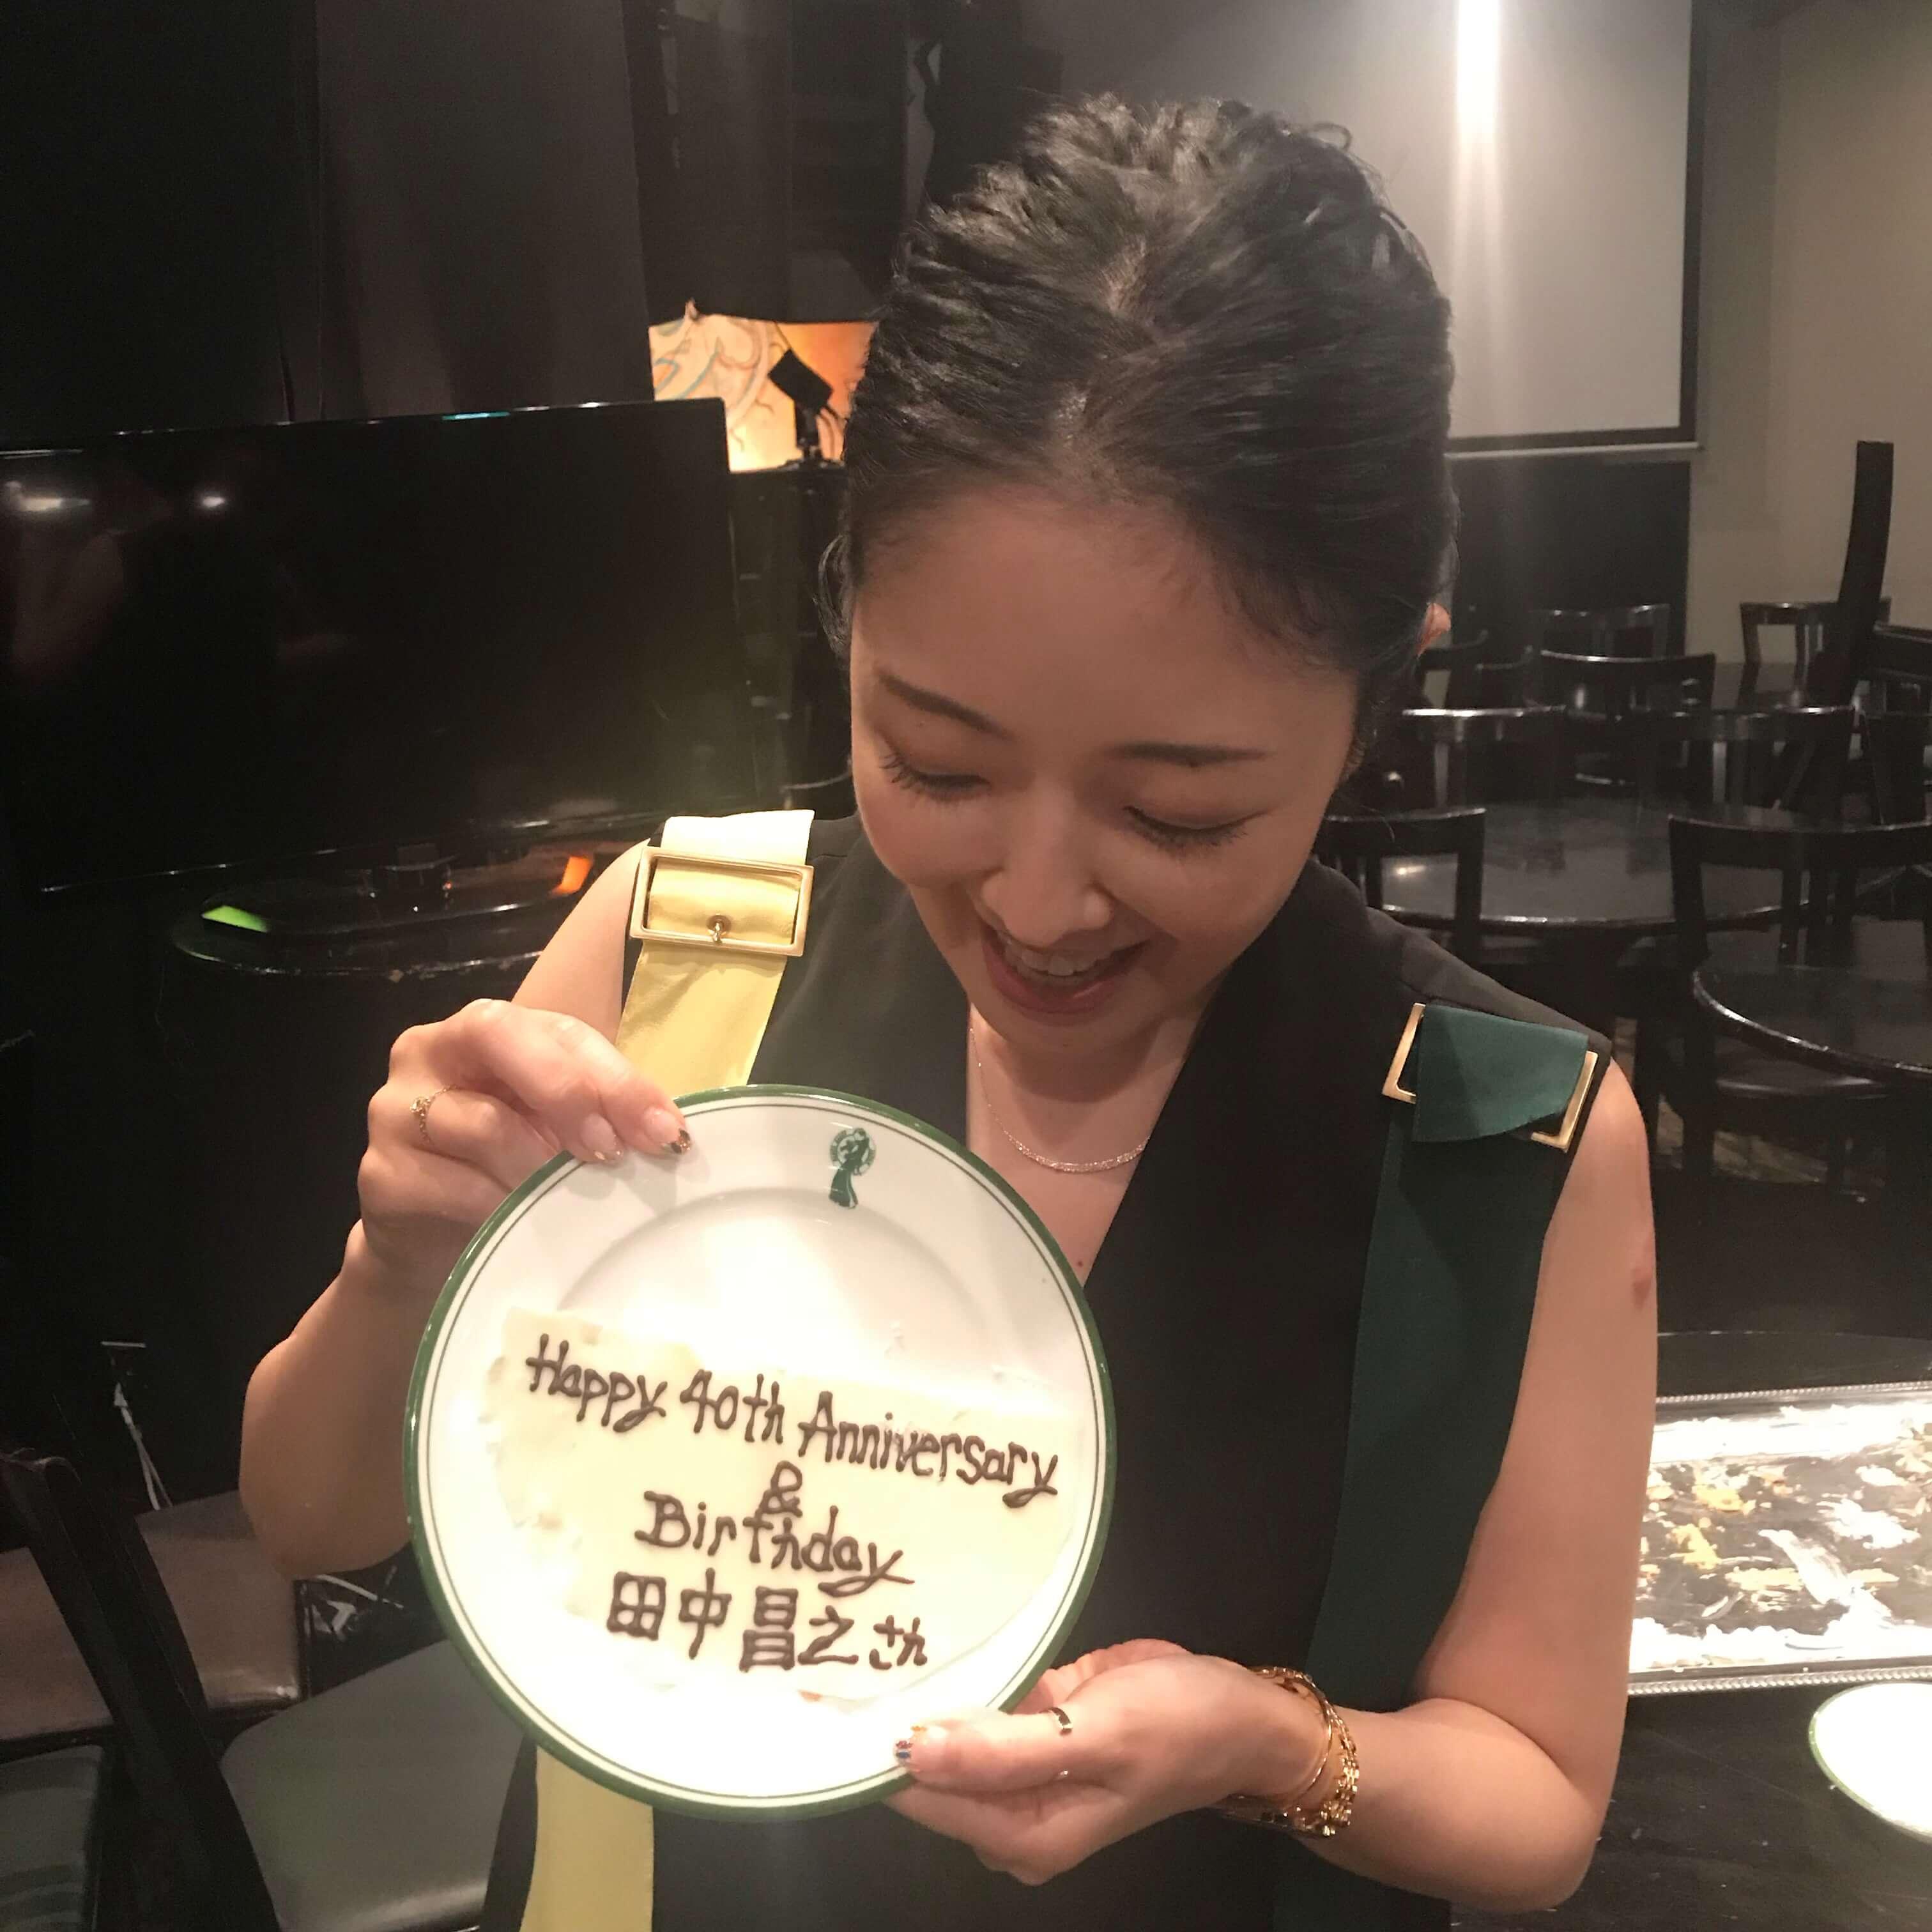 6/28田中昌之(exクリスタルキング)40th Anniversary&Birthday Live